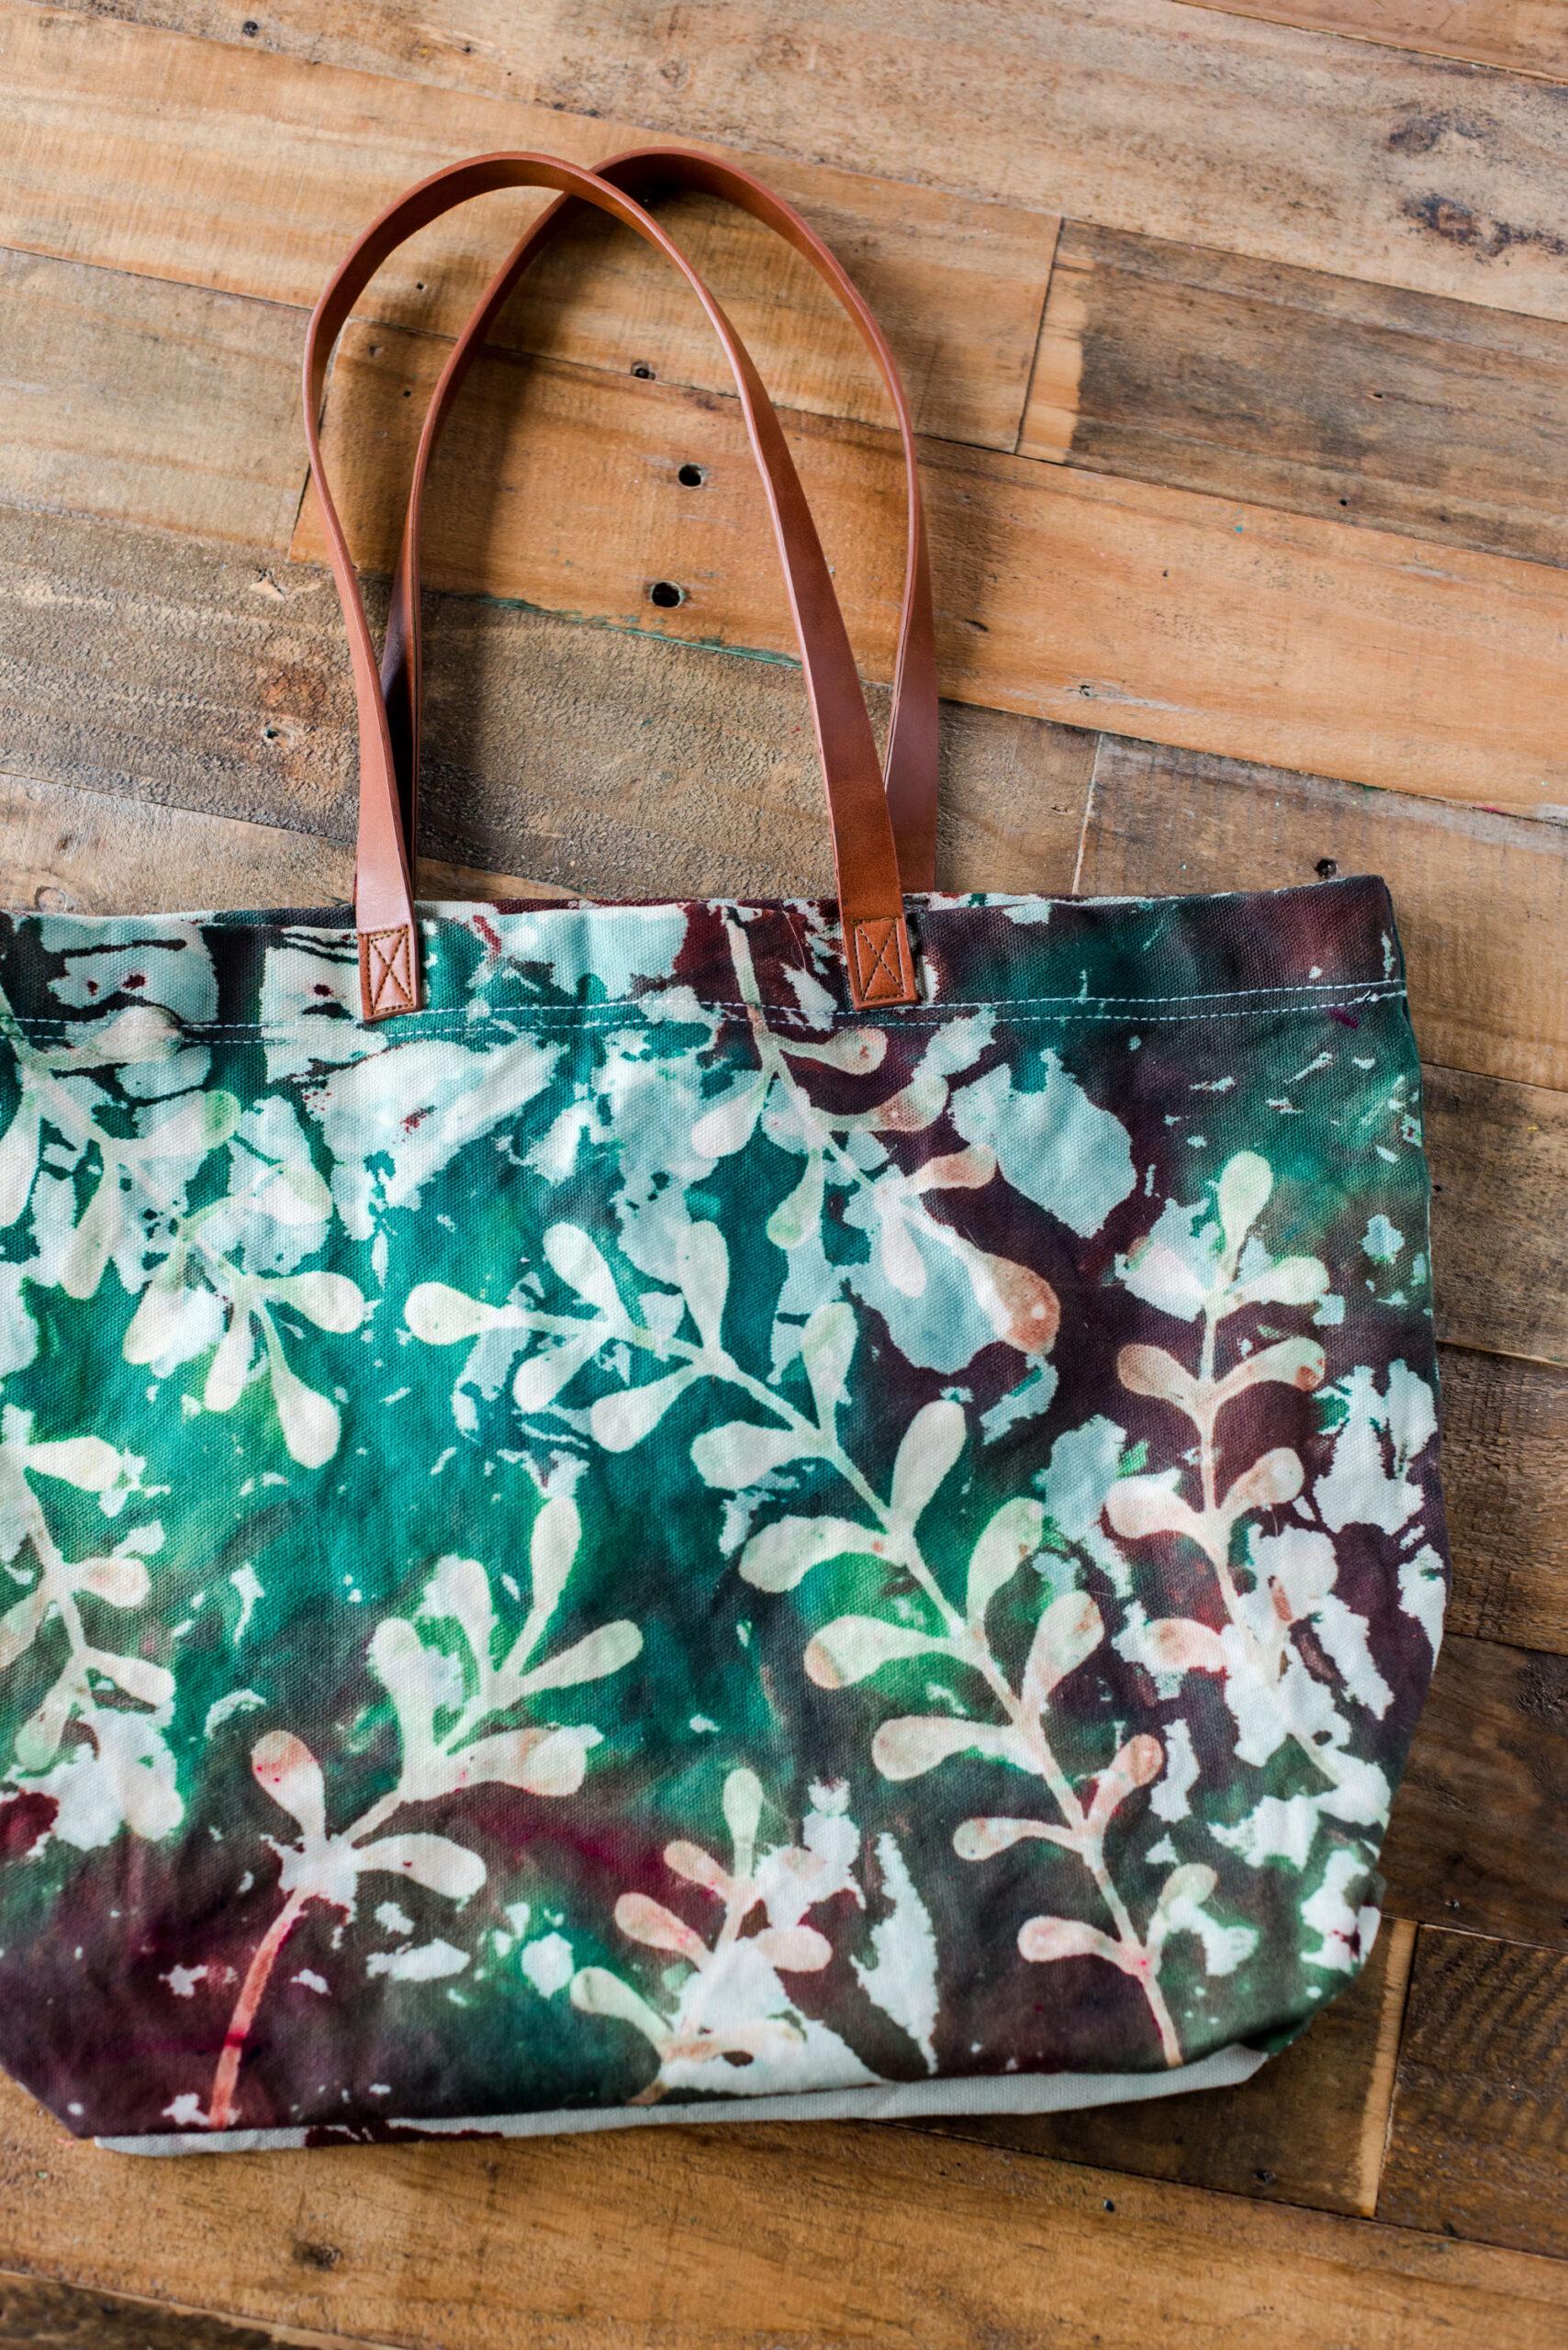 How to glue resist tie dye, tulip one step dye DIY, glue resist tie dye, resist tie dye, how to tie dye, tie dye bag DIY